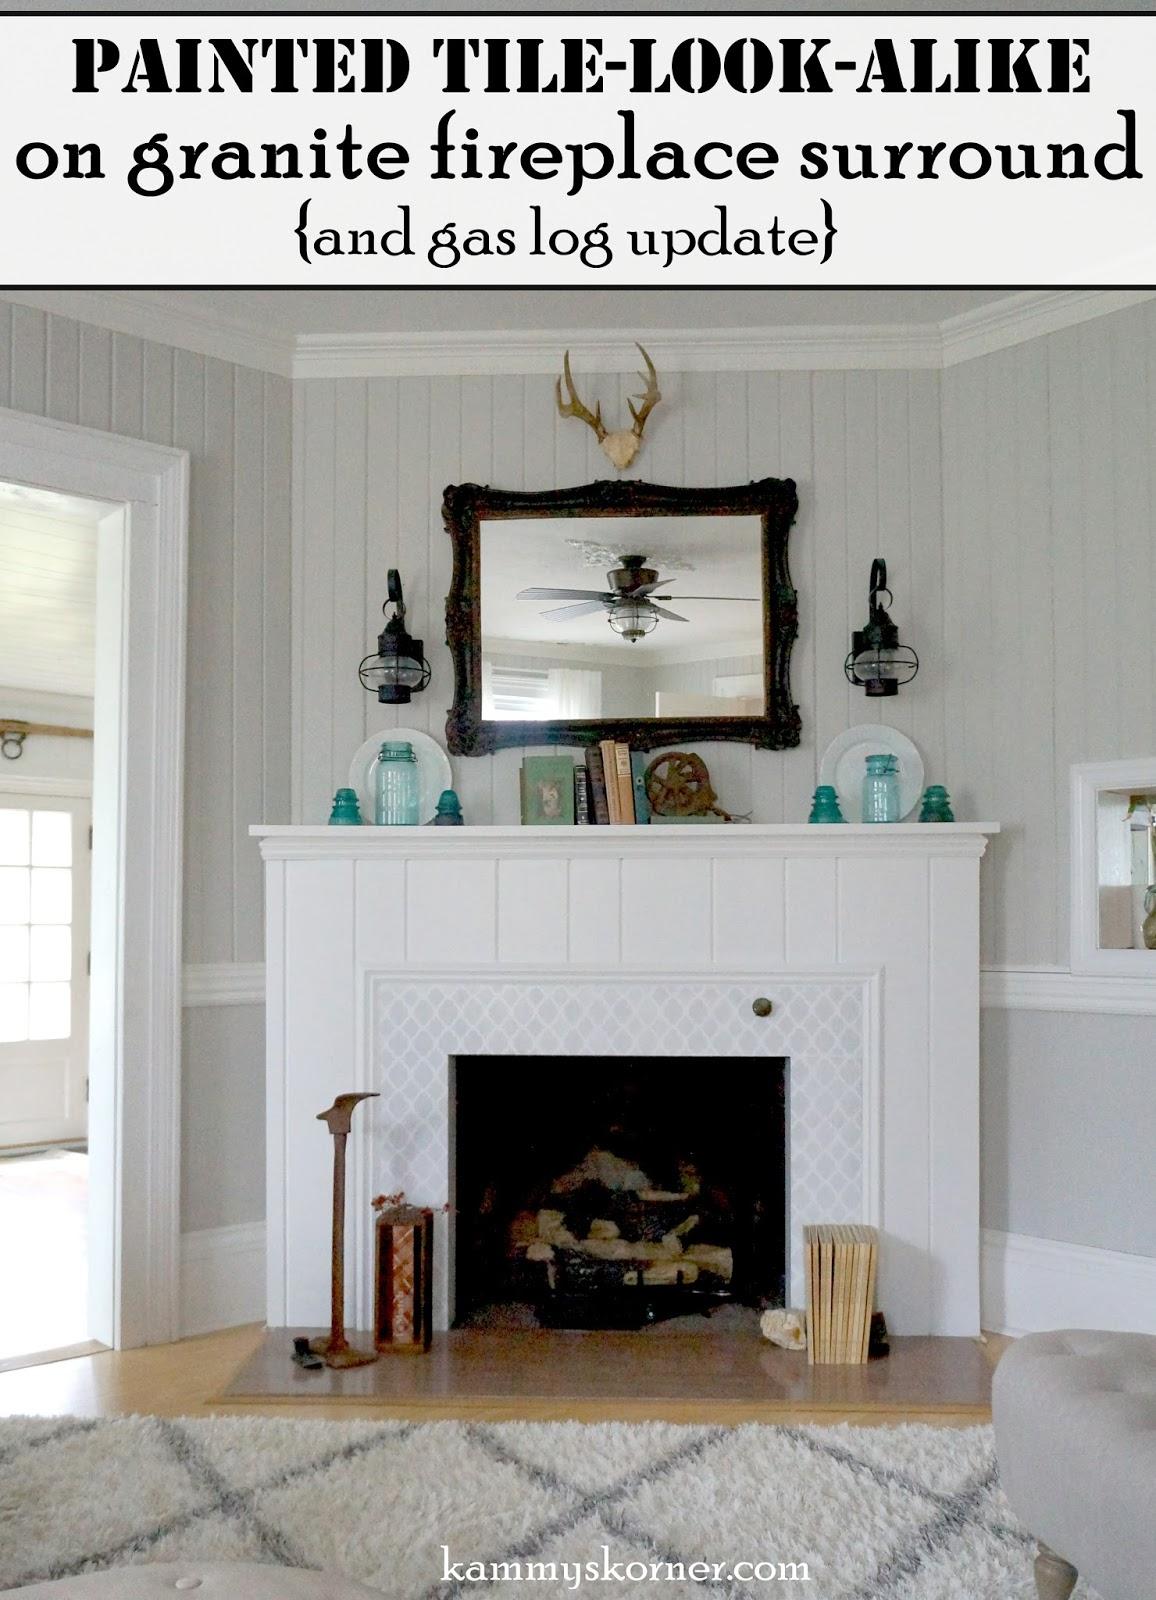 Kammy's Korner: Stenciled Granite Fireplace Surround Update